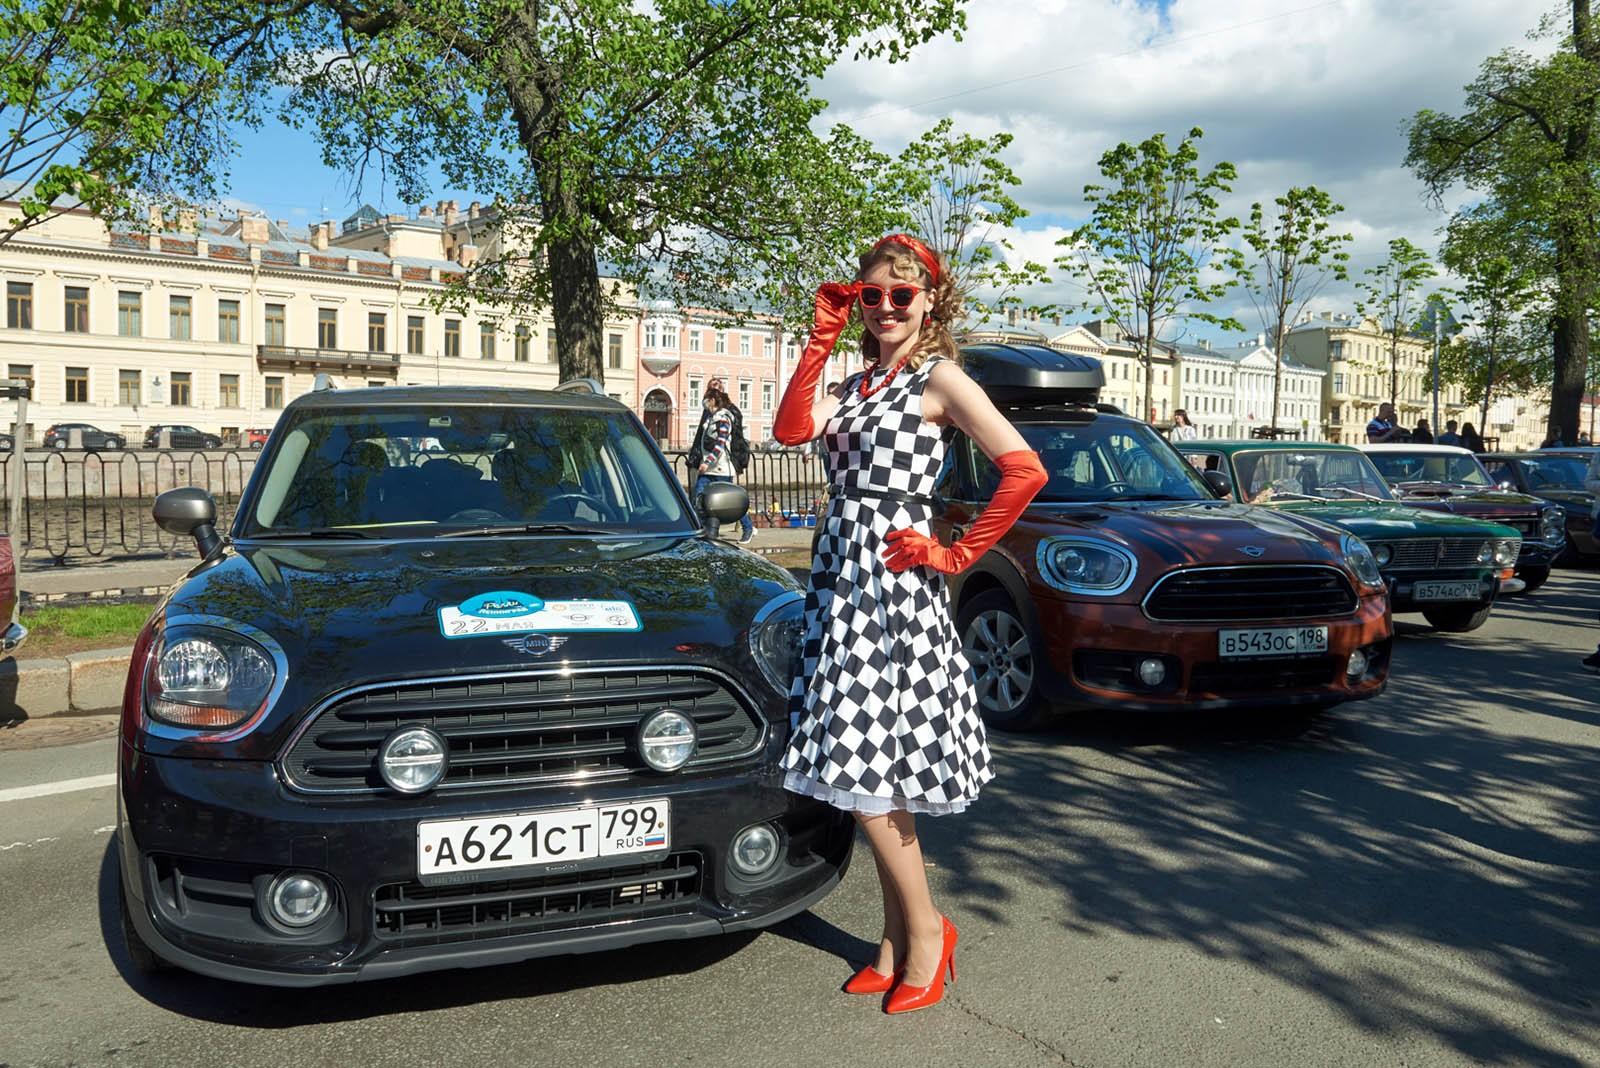 Ретроавтомобили снова на улицах города: в Санкт-Петербурге завершилось ралли «Ленинград»